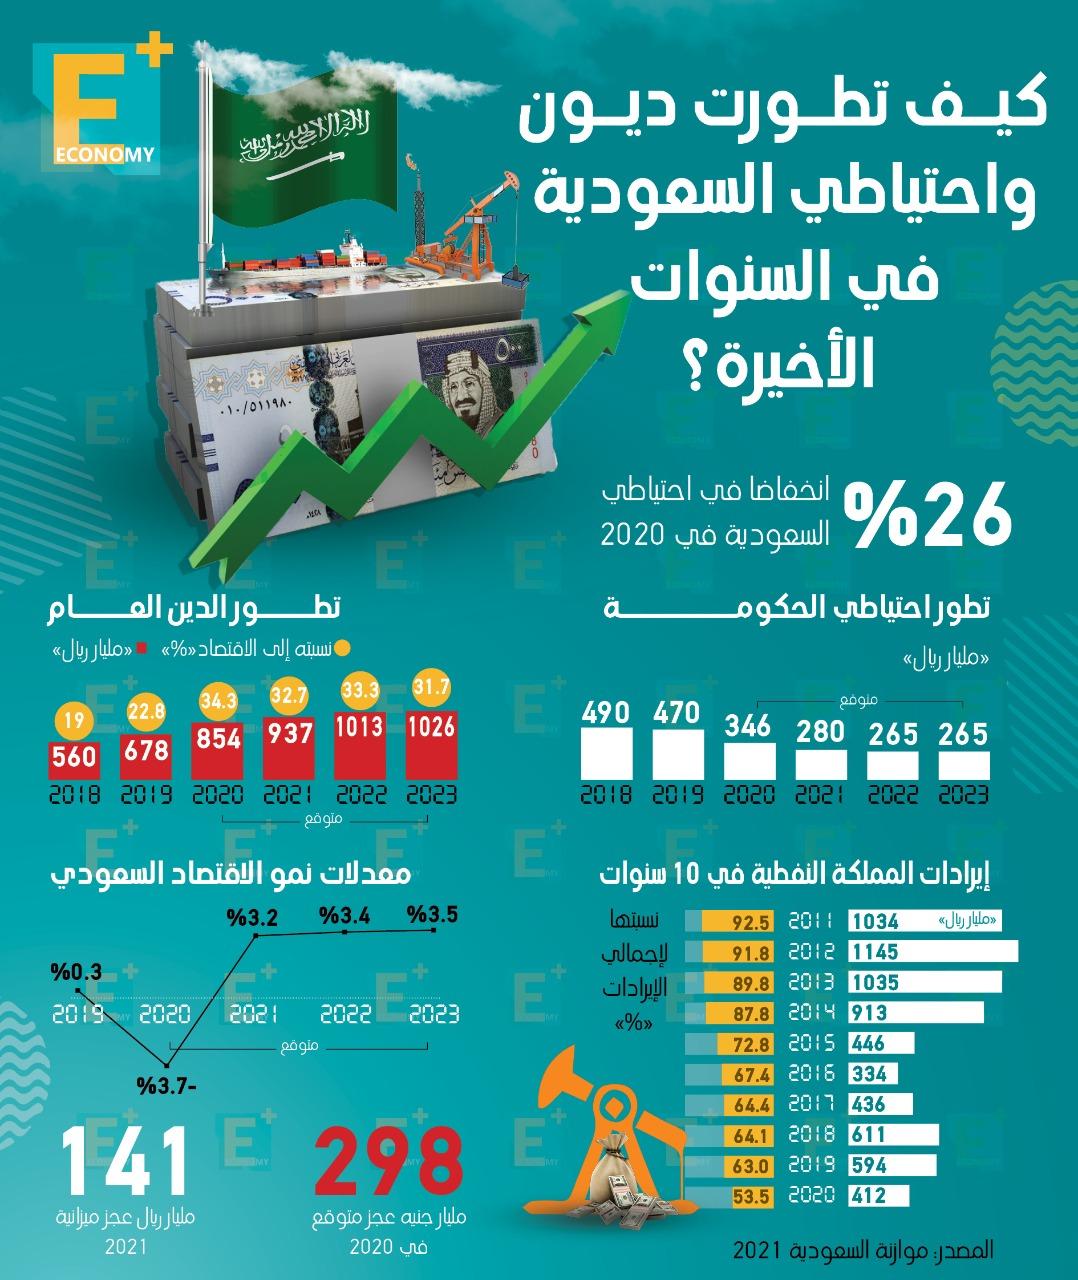 كيف تطورت ديون واحتياطي السعودية في السنوات الأخيرة؟